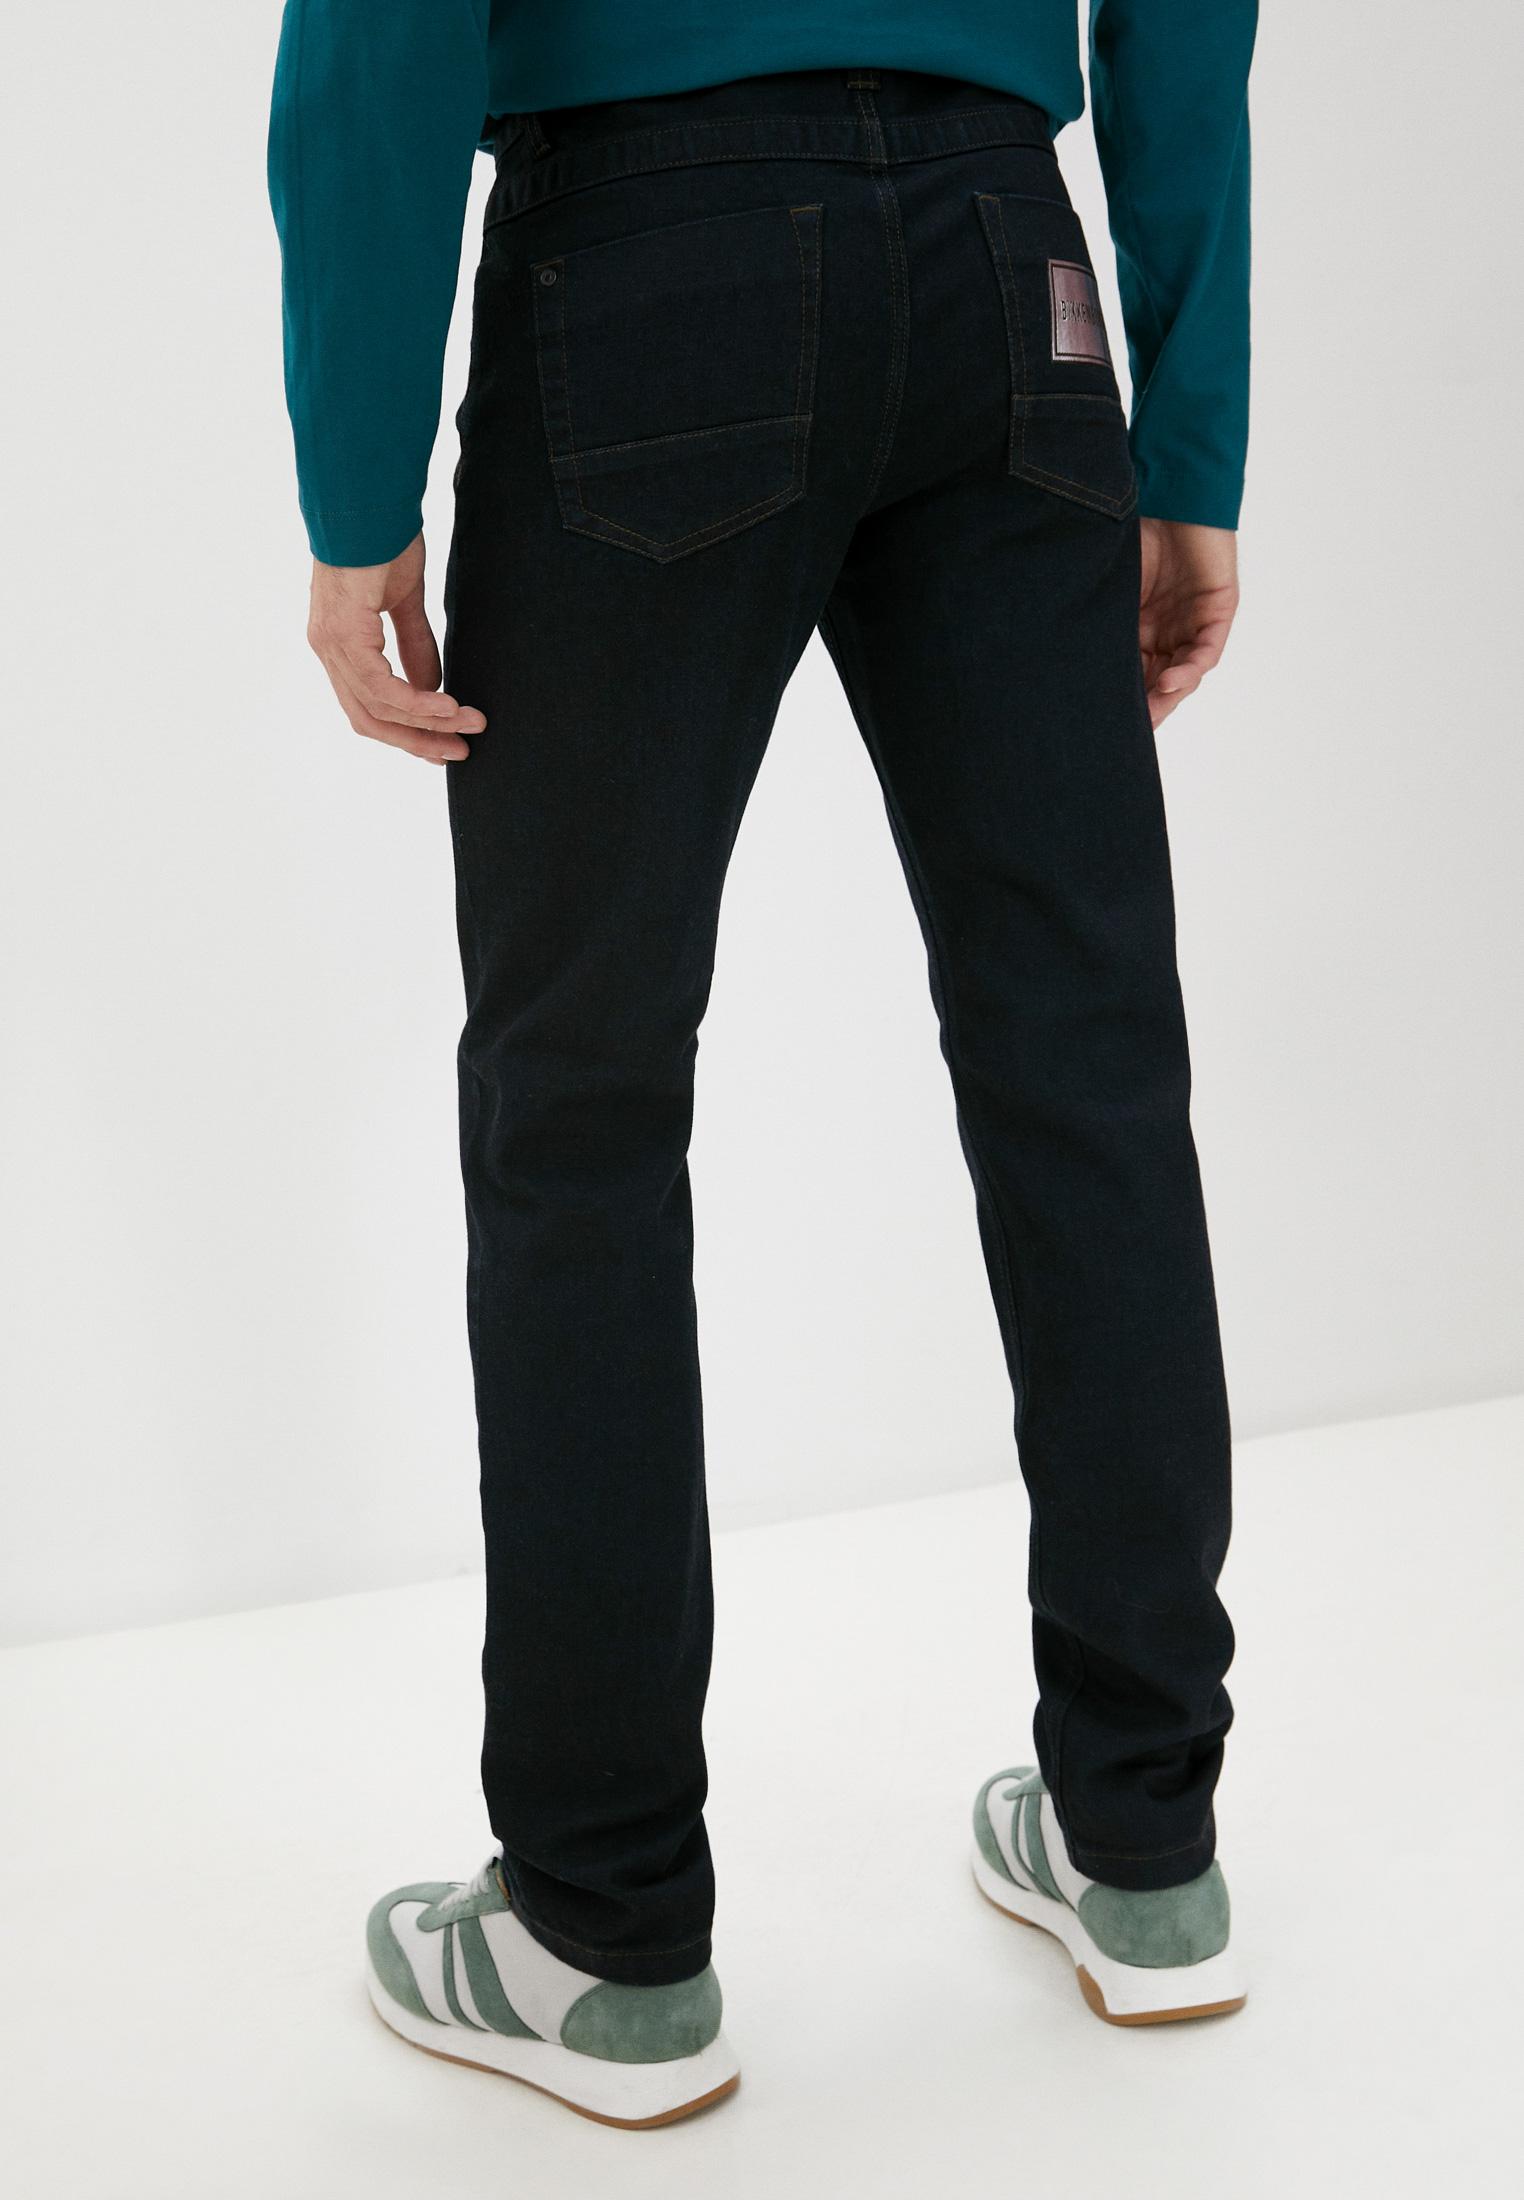 Мужские прямые джинсы Bikkembergs (Биккембергс) C Q 101 01 S 3333: изображение 14